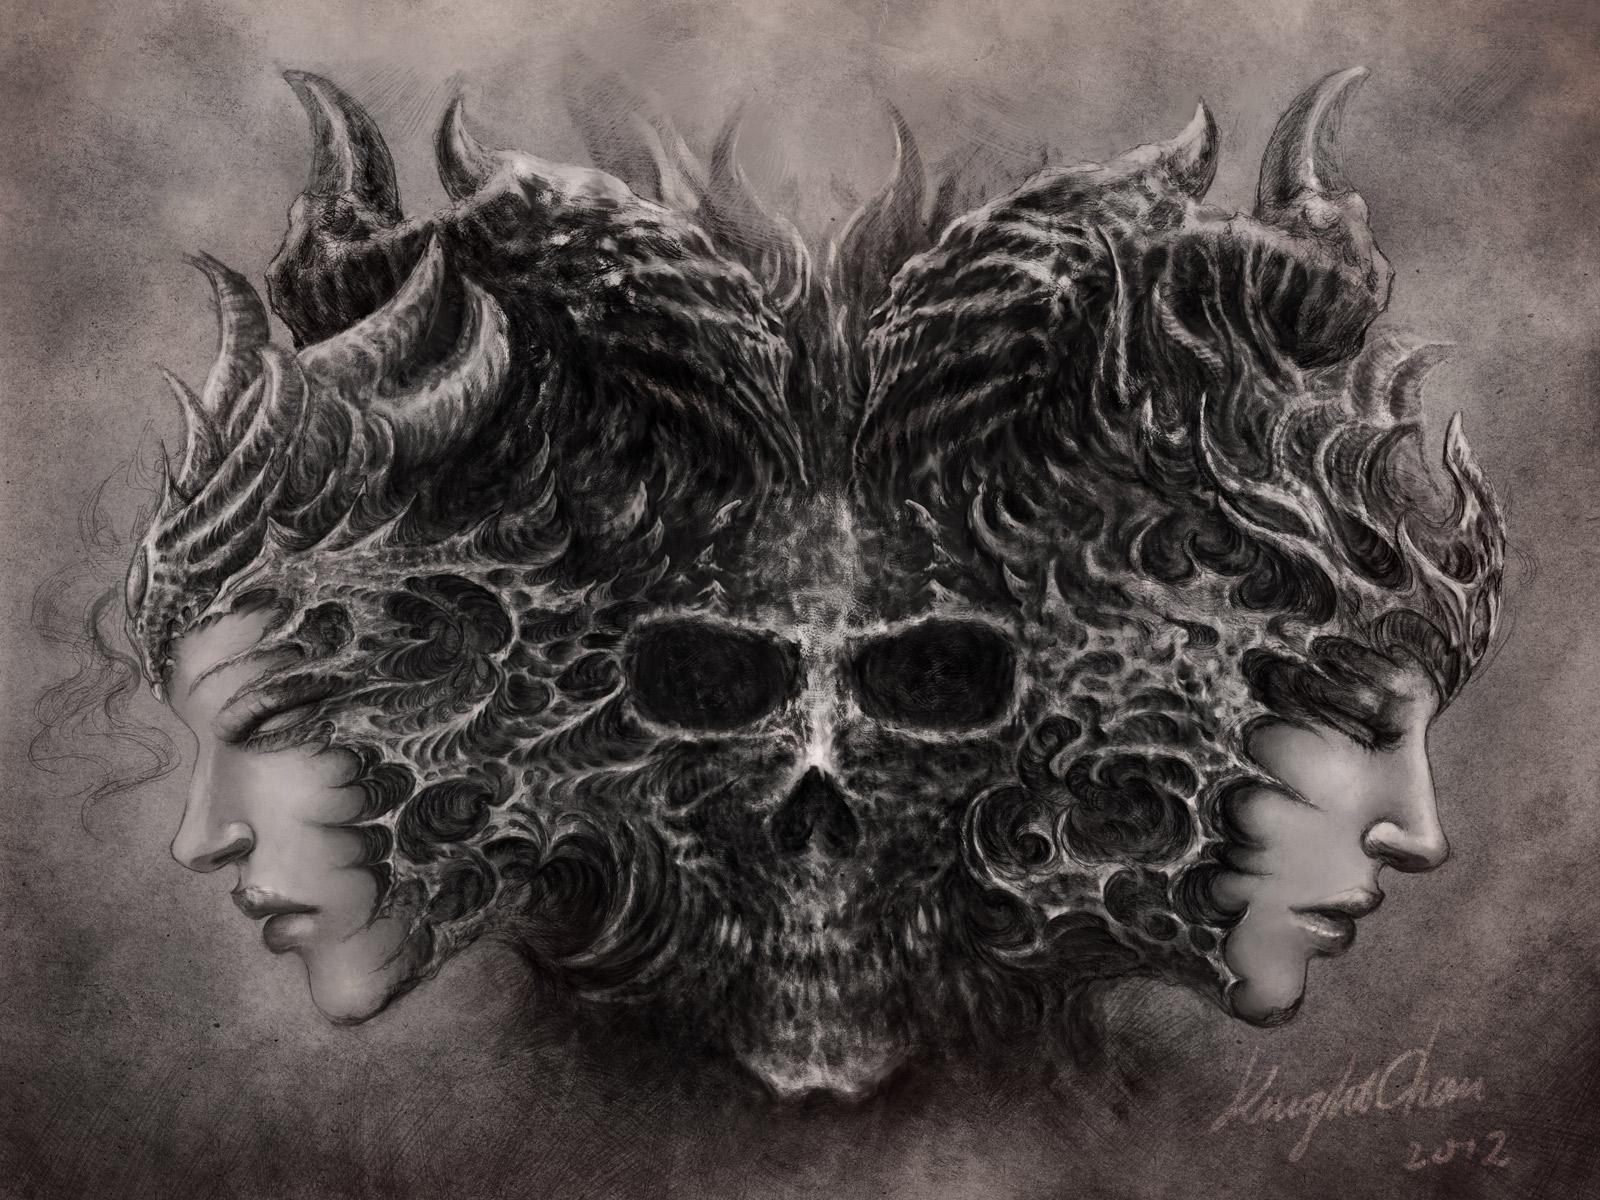 Skull Wallpaper 163 For Home Design Backgrounds